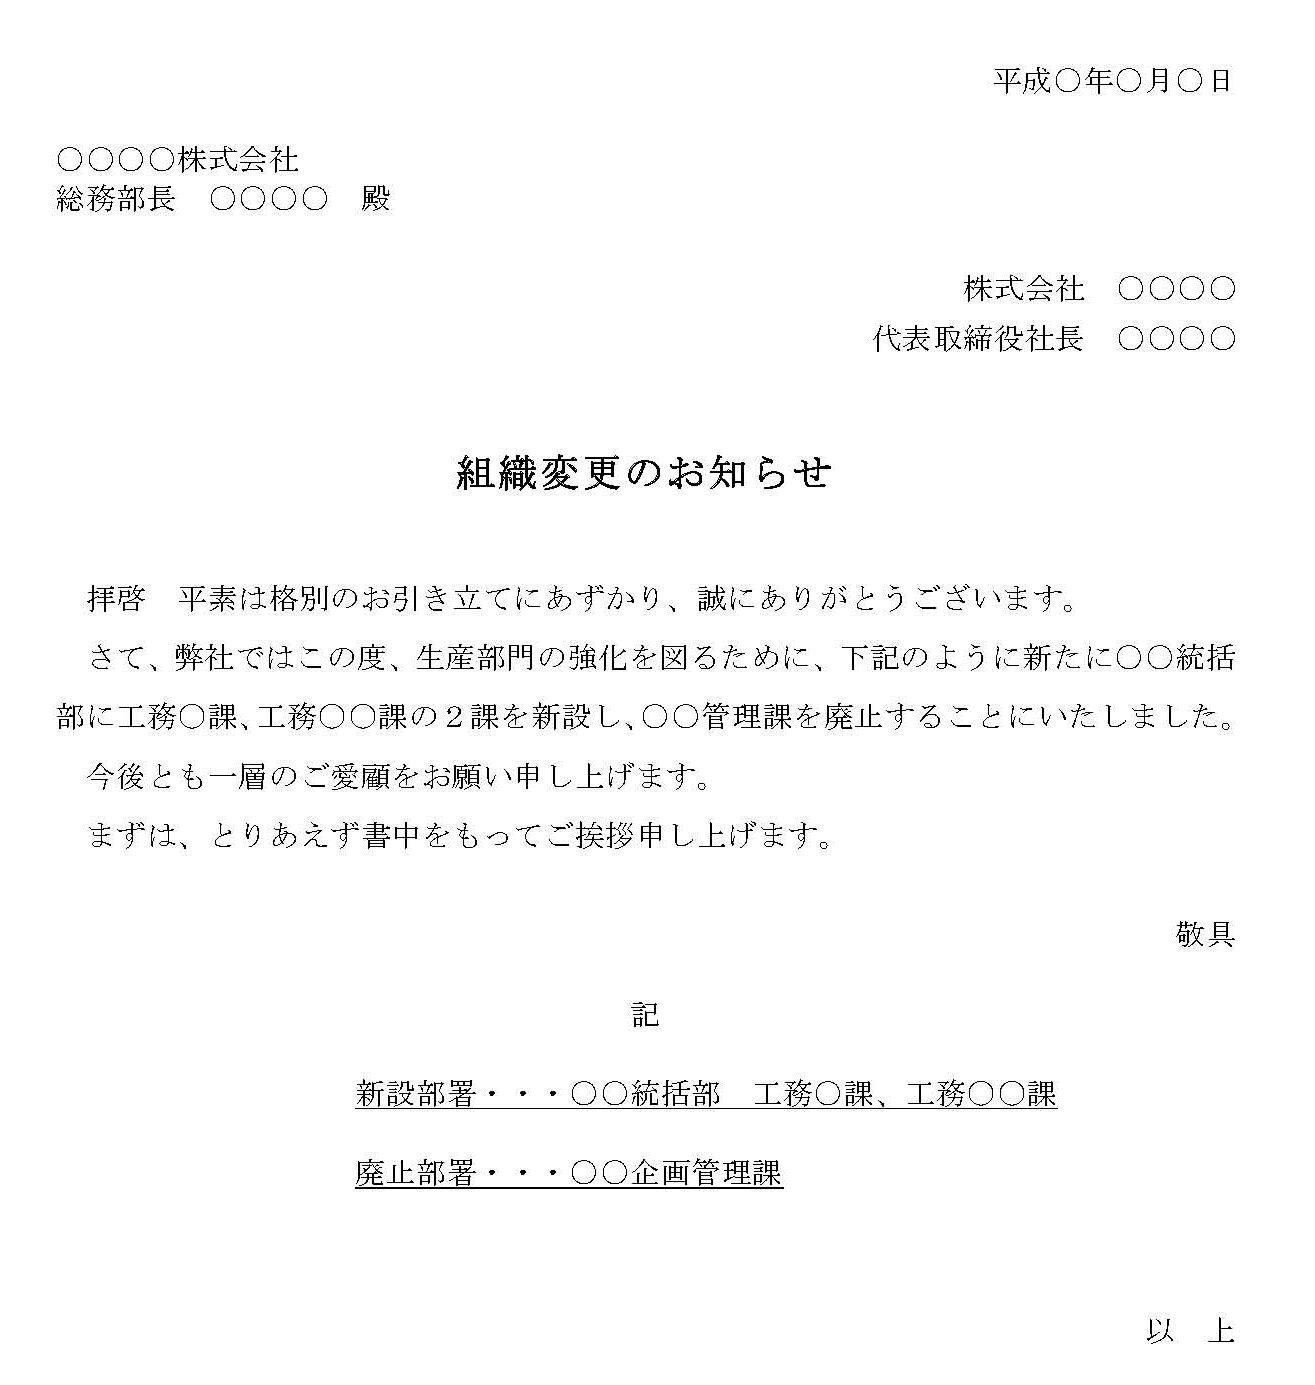 お知らせ(組織変更)